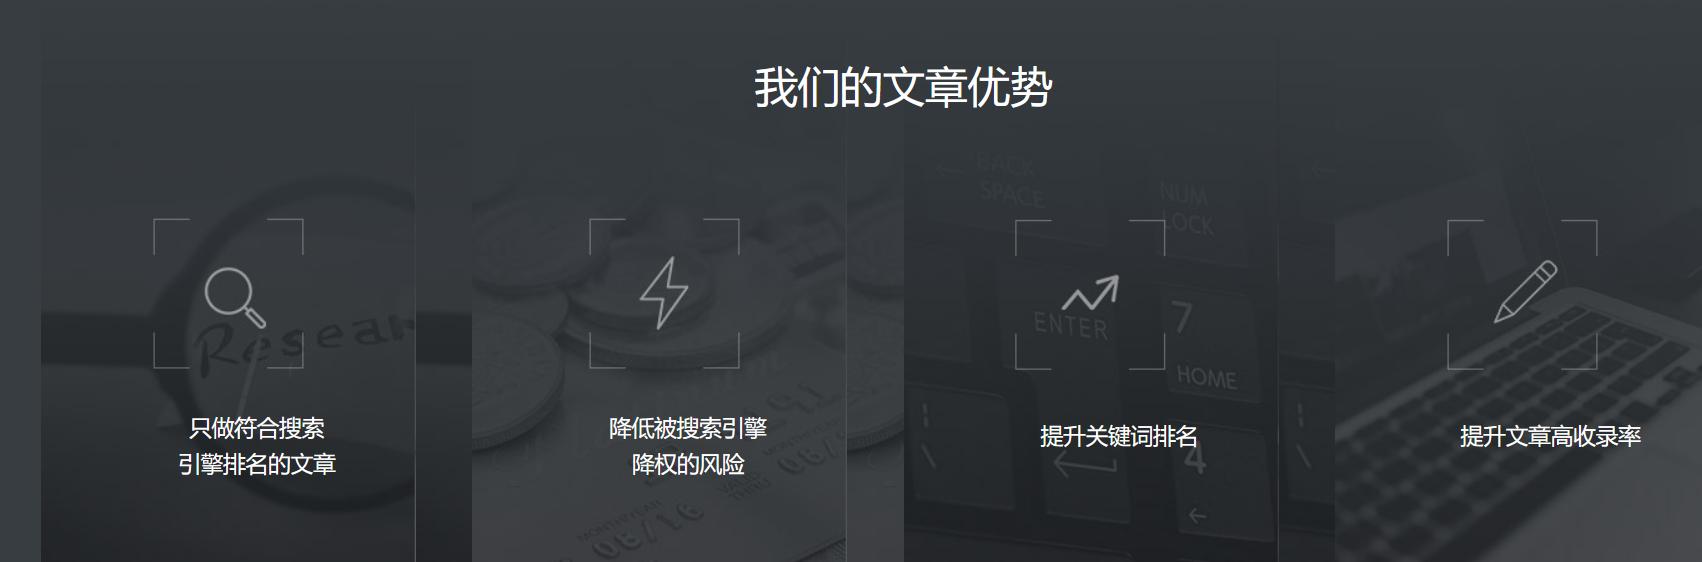 陕西省创建音乐百度百科创建只需要三步